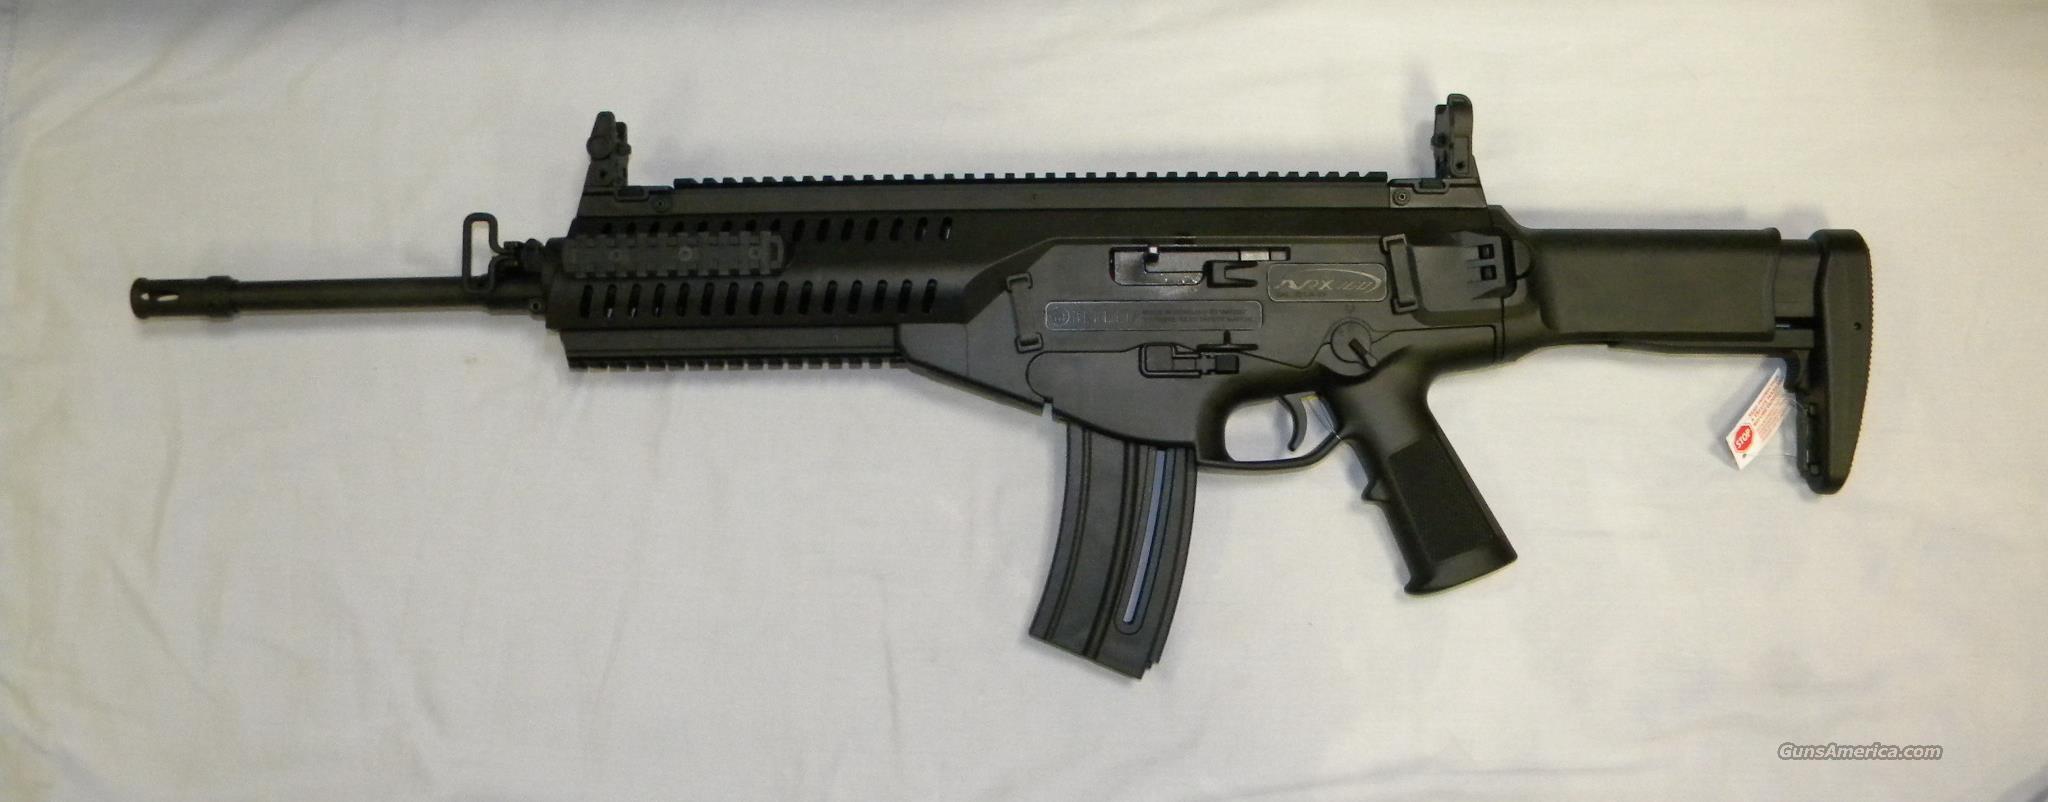 Beretta ARX-160, .22 LR Carbine  Guns > Rifles > Beretta Rifles > Storm